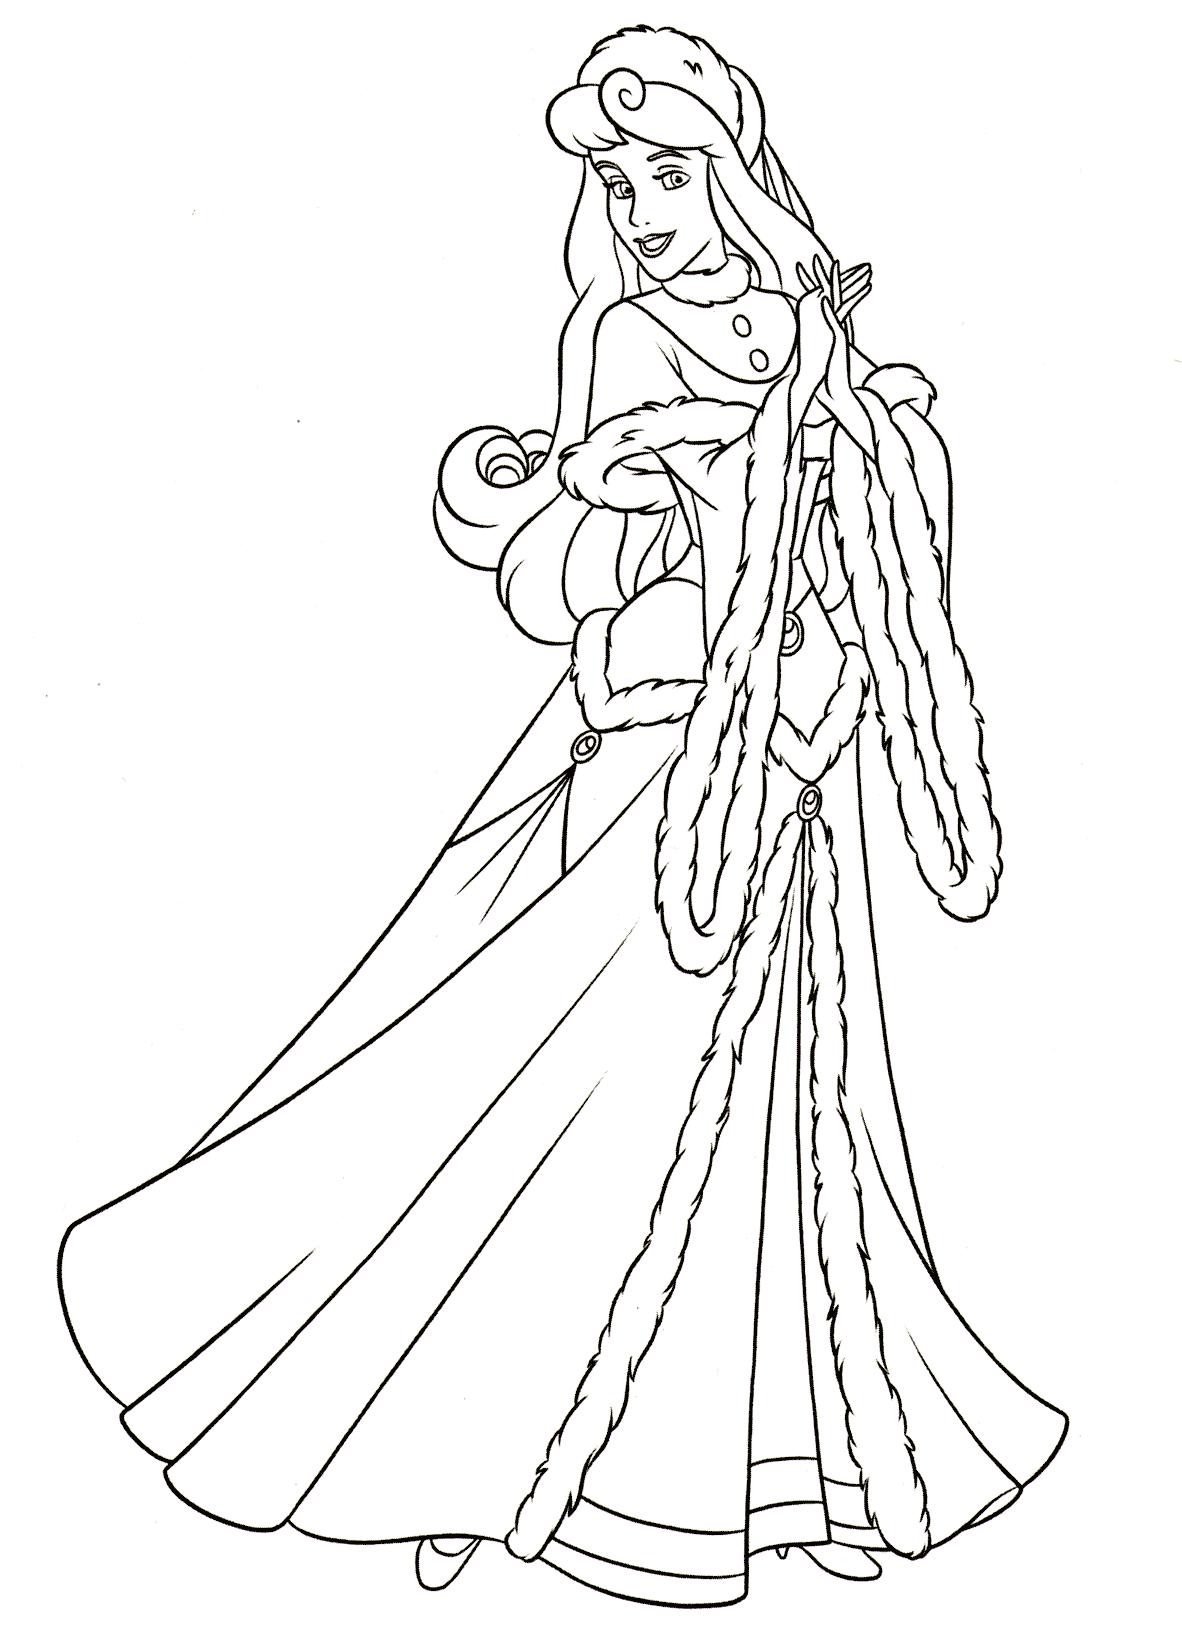 Спящая Красавица в зимнем наряде - Принцессы Дисней ...